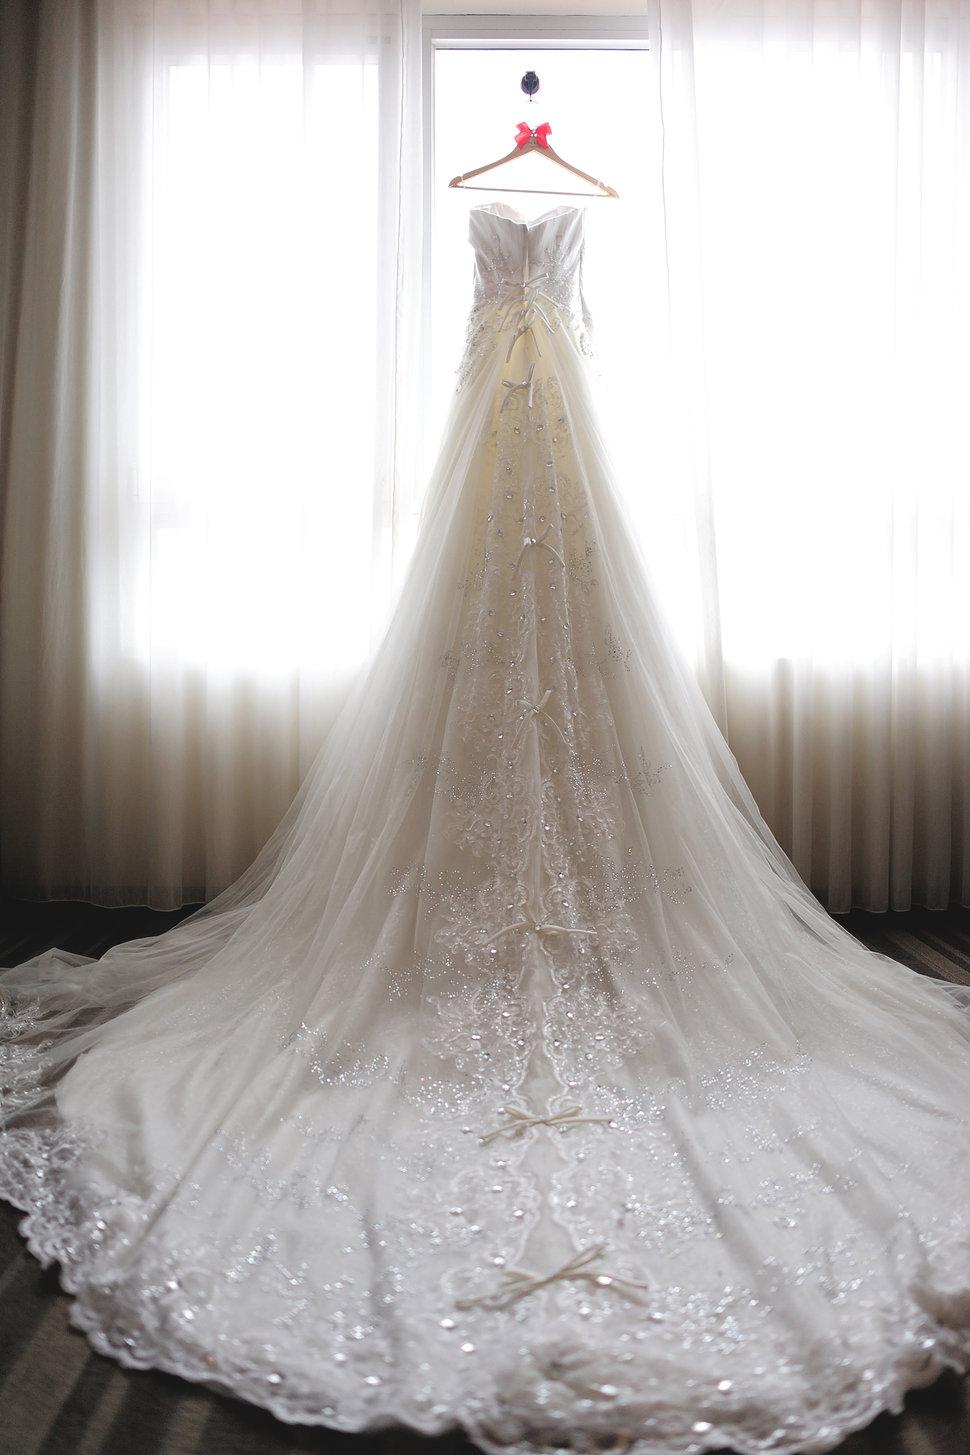 5 - J-Love 婚禮攝影團隊《結婚吧》